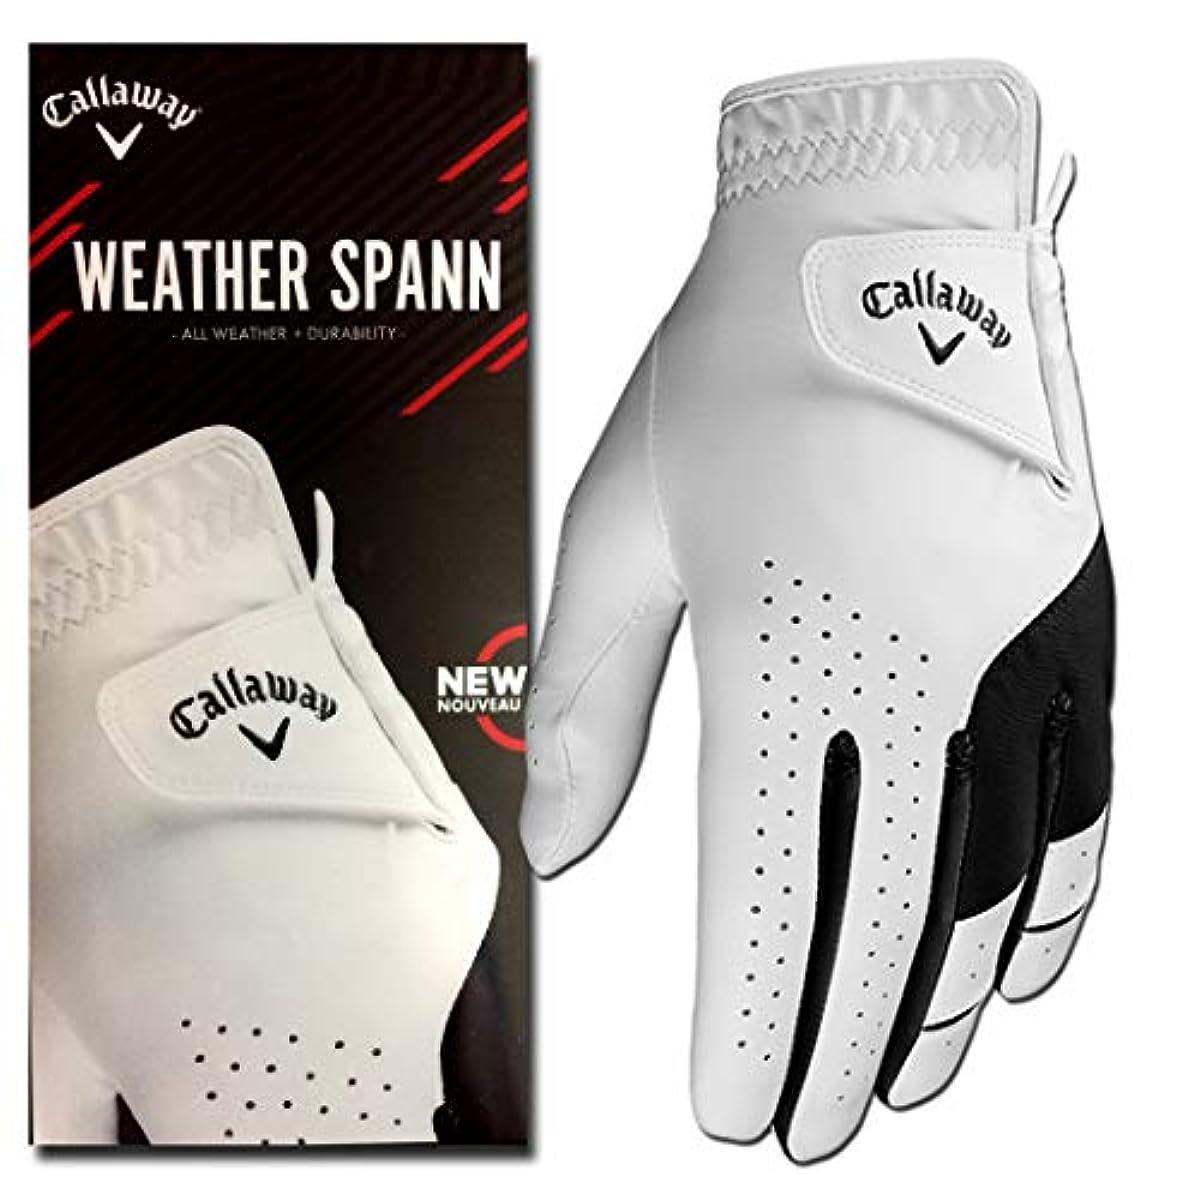 [해외] WEATHER SPANN 2019 CALLAWAY 전천후형 골프 글러브 강화 팜 패치 부착 맨즈 CADET XL 1글러브 왼손용